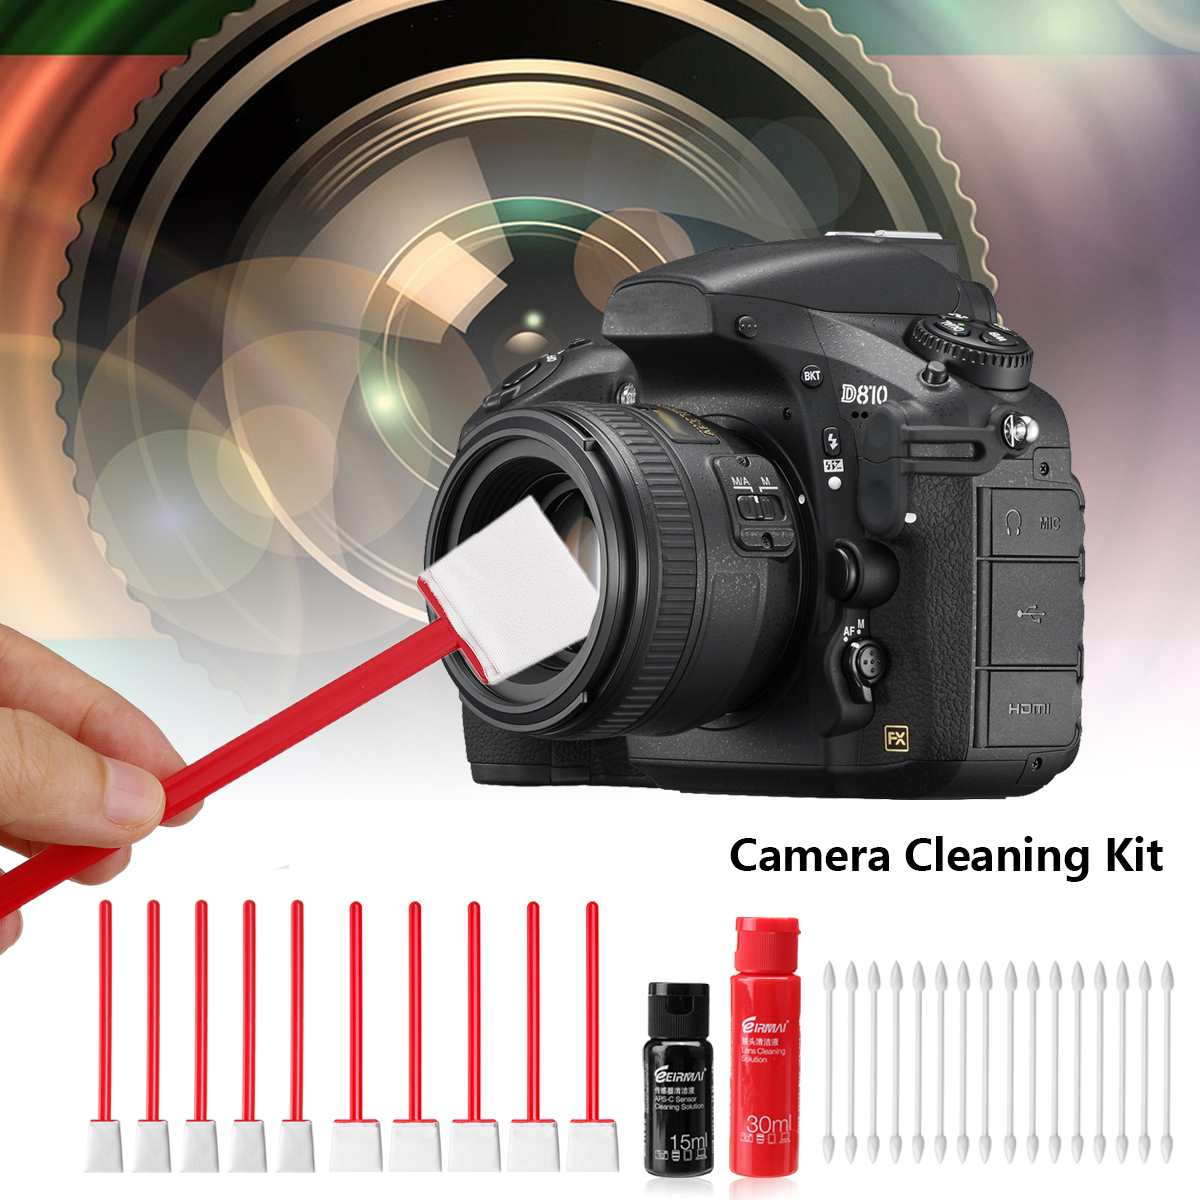 Sensor de Cámara Limpiador Toallitas de lente óptica herramientas de limpieza de pantalla del teléfono para DSLR